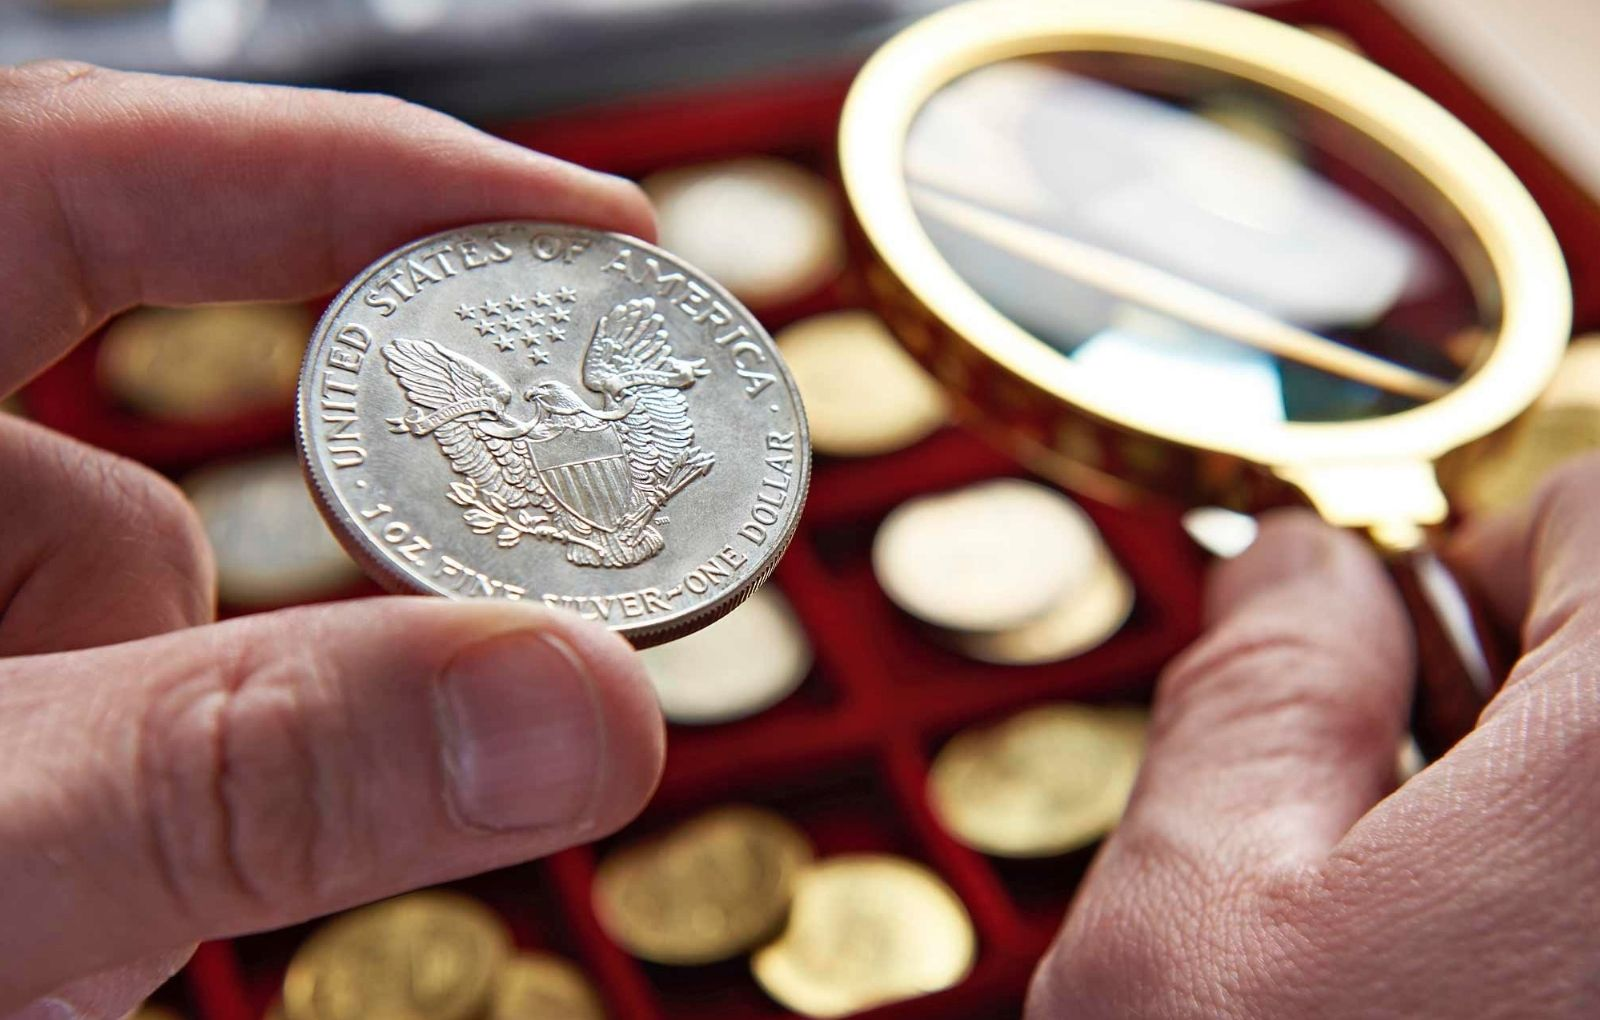 Συλλεκτικά νομίσματα. Ποια νομίσματα θεωρούνται συλλεκτικά; Μπορώ να τα πουλήσω στην πραγματική τους αξία;